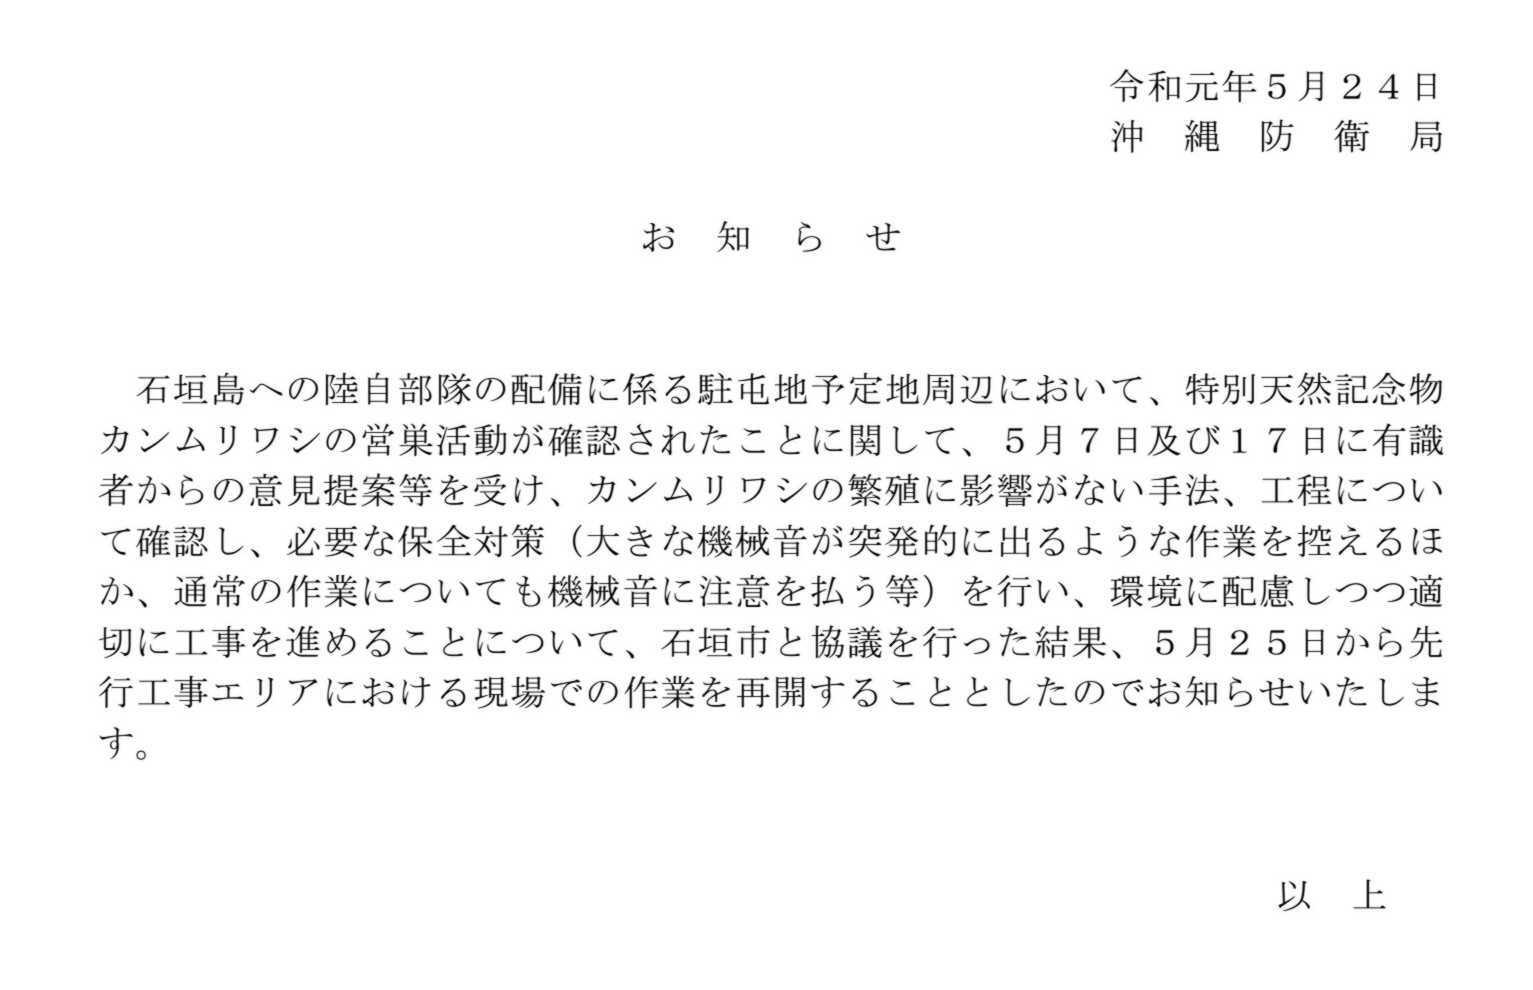 0524防衛局お知らせ